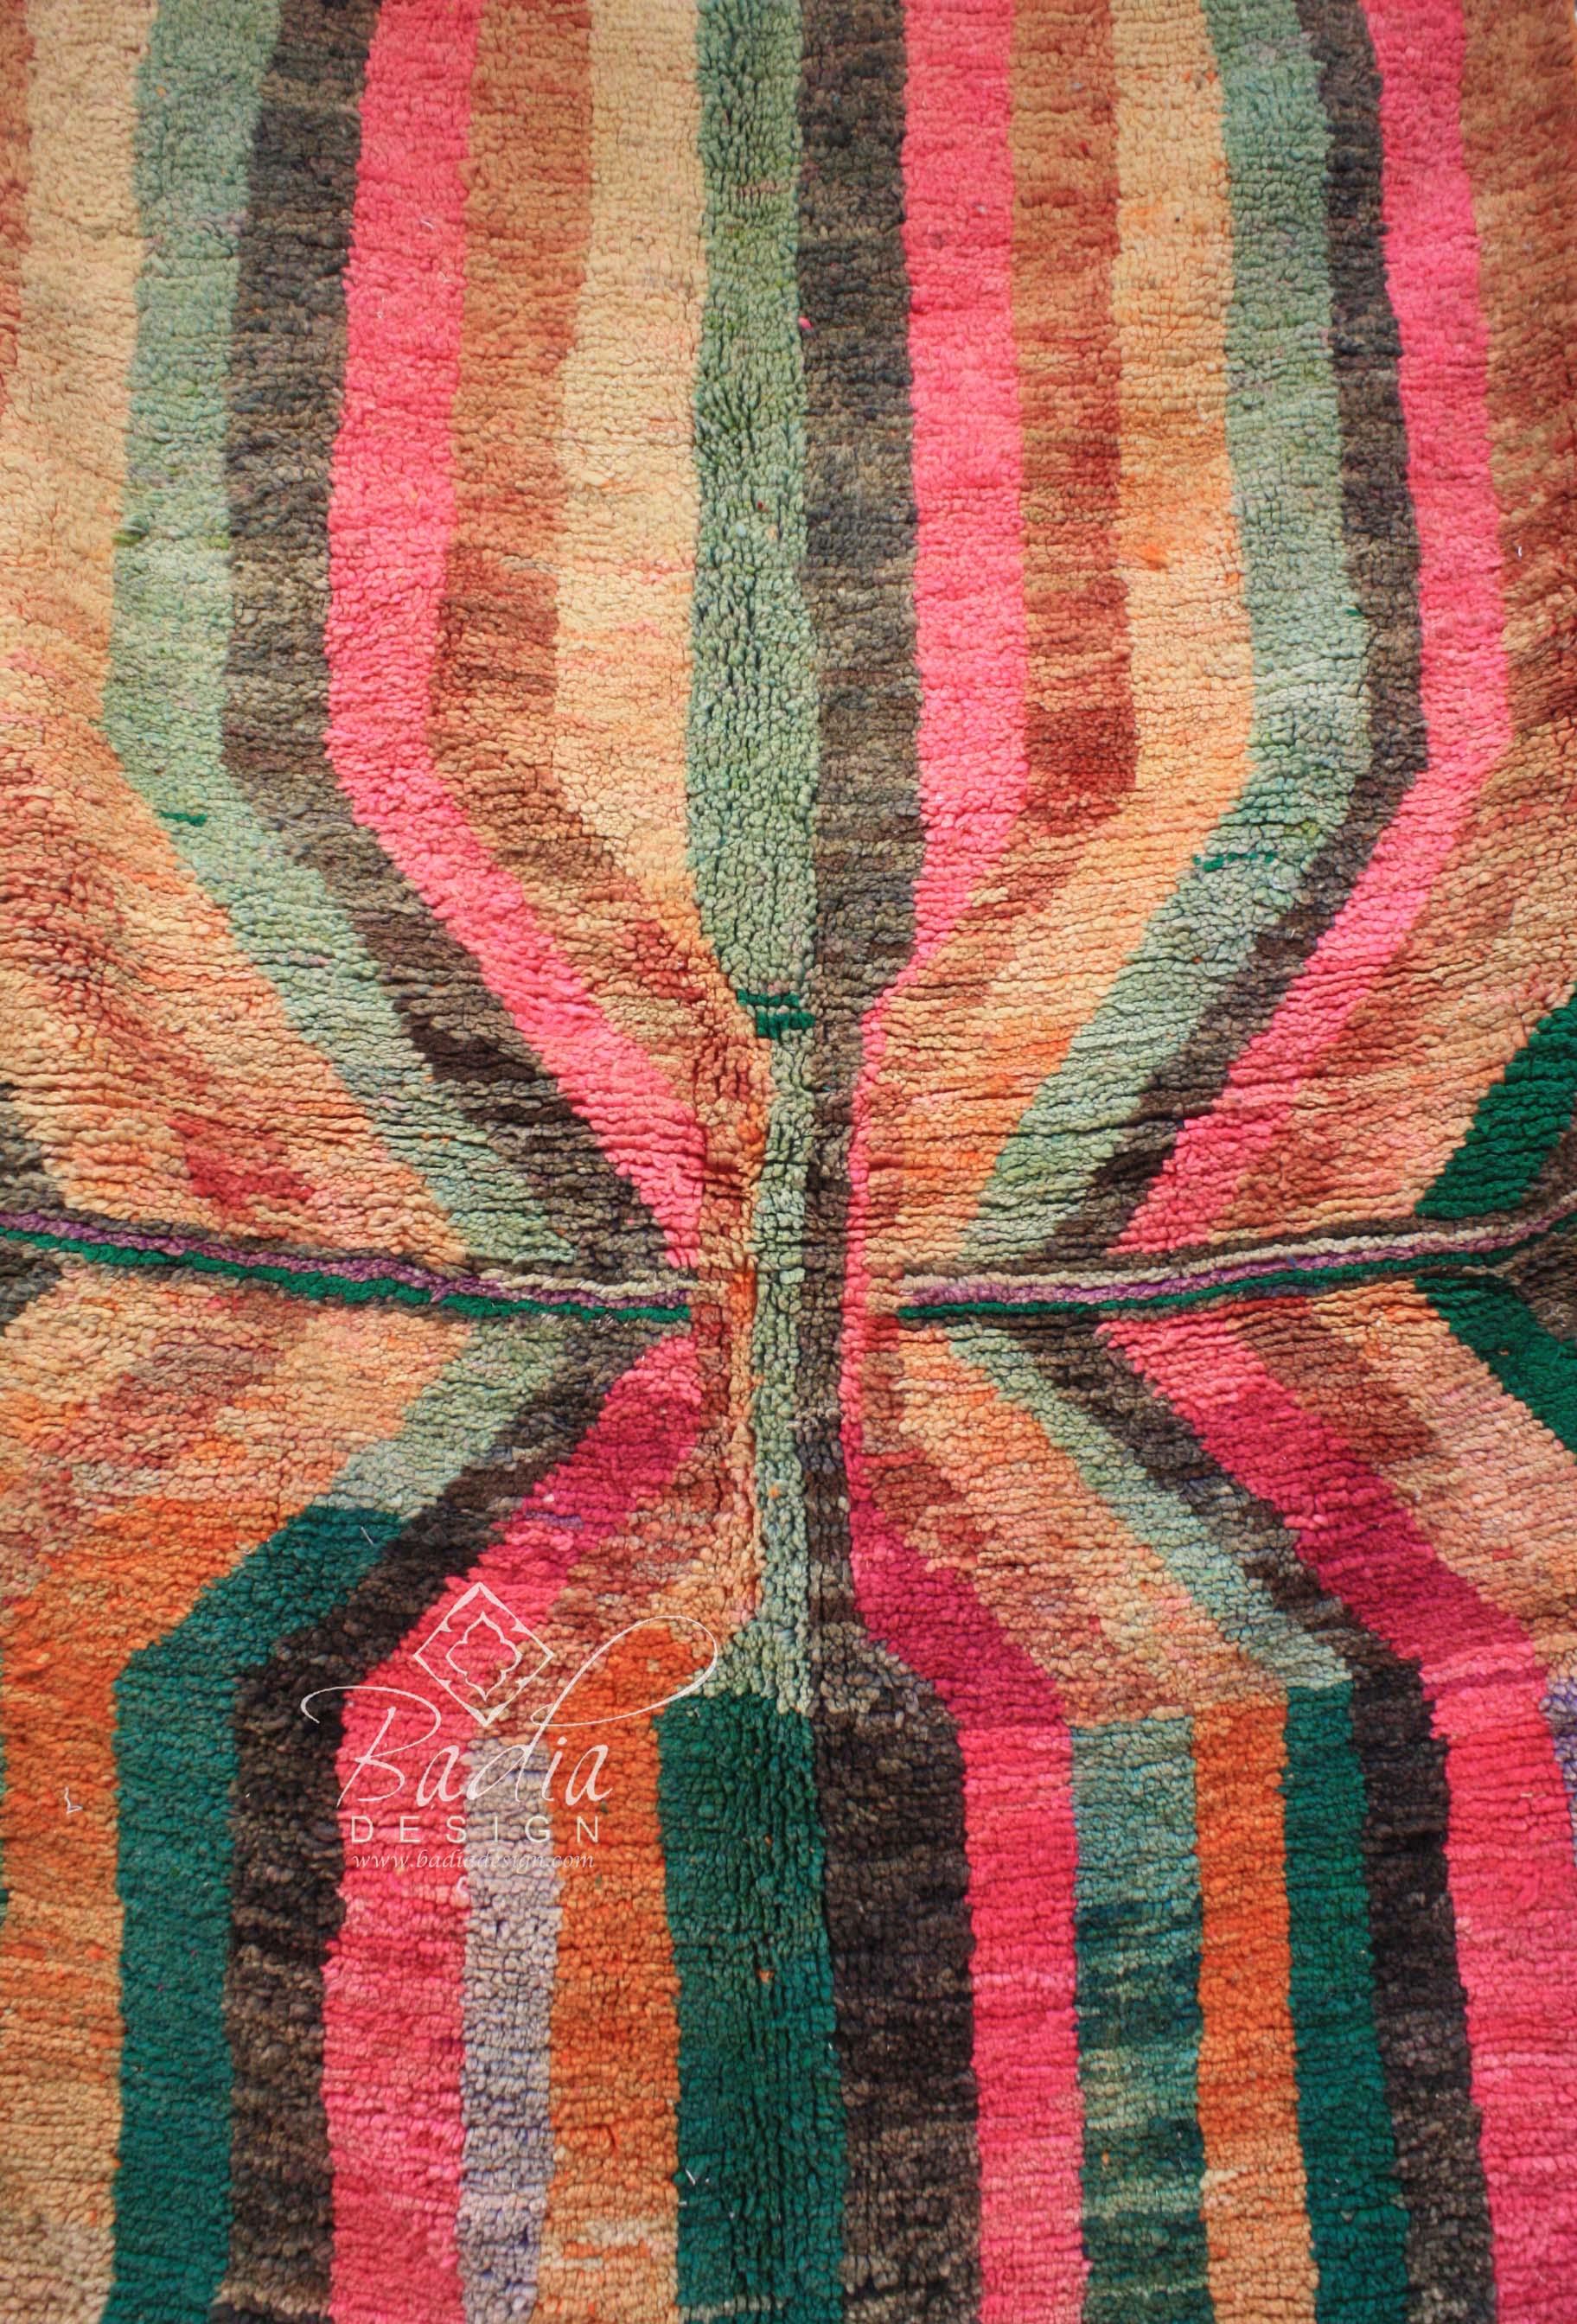 handmade-berber-rugs-from-morocco-r807-2.jpg